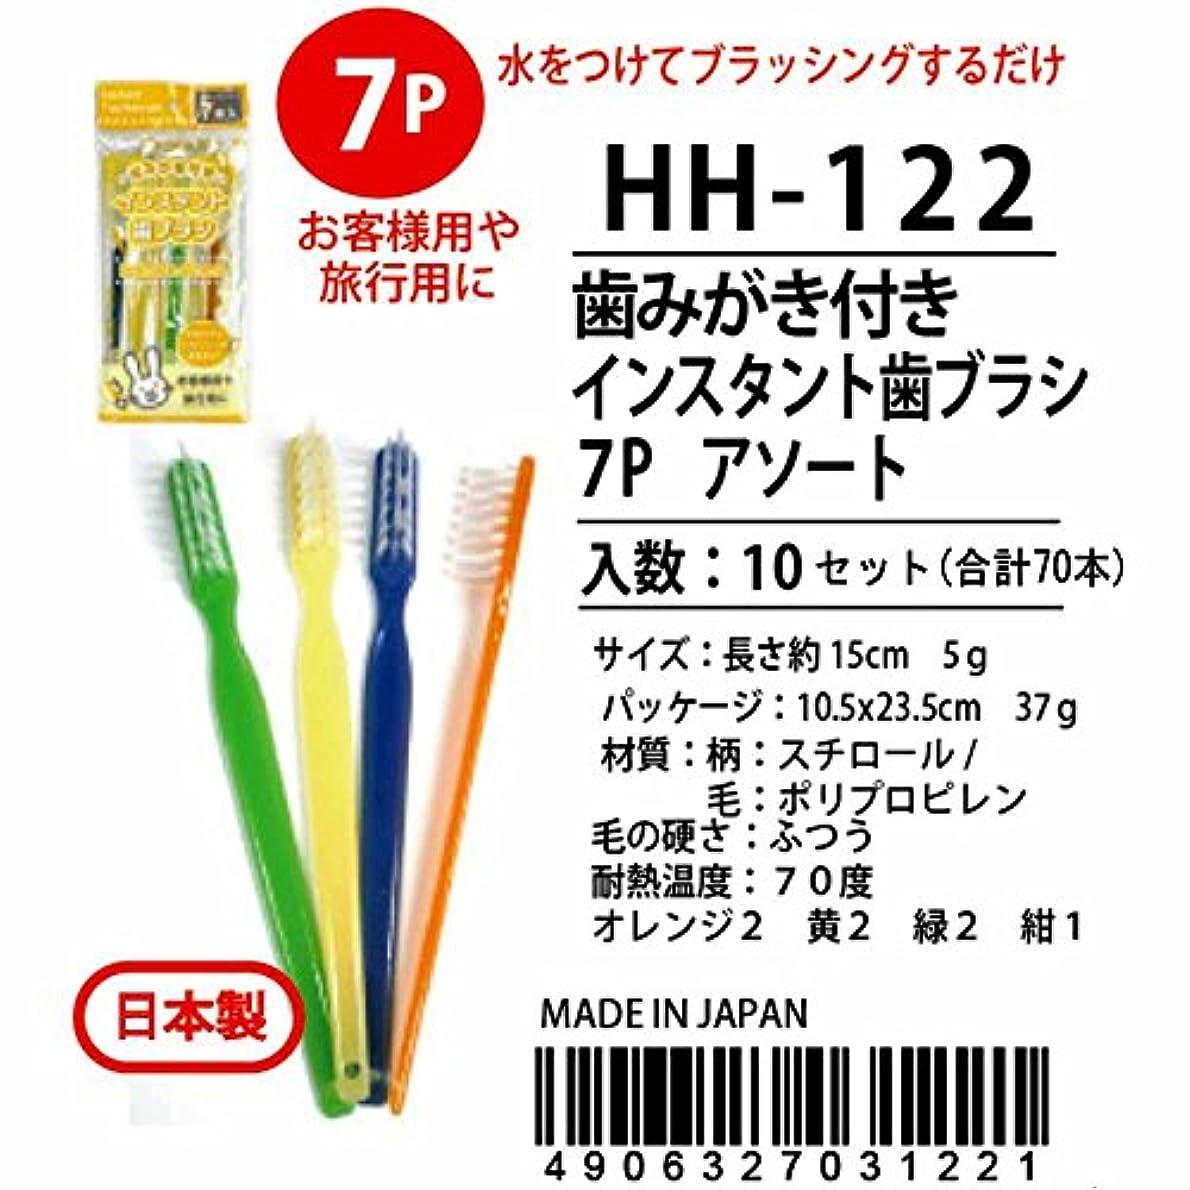 ルーチン否認する現実的スバル 歯みがき付きインスタント歯ブラシ7P アソート HH-122 【まとめ買い10個セット】